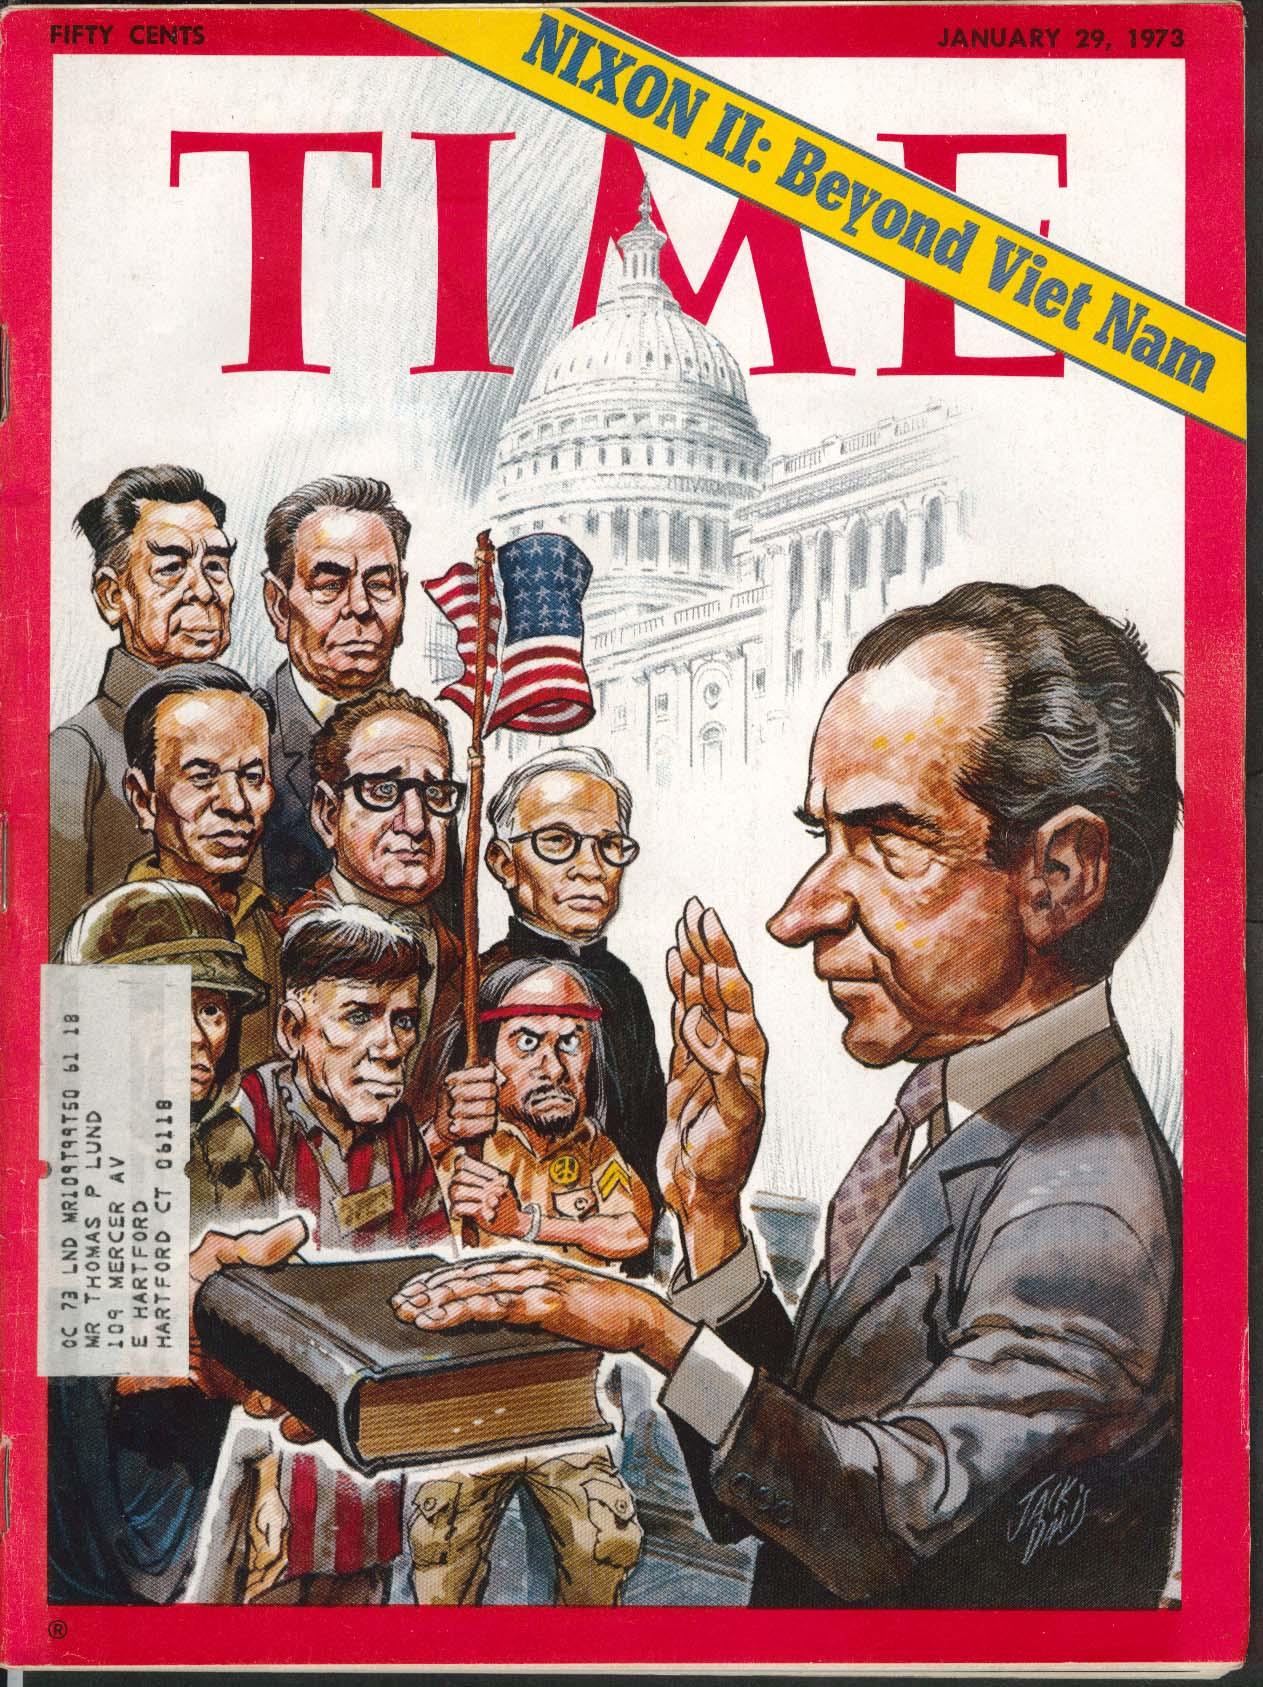 TIME Nixon Vietnam Kissinger Thieu Jack Davis Williamsburg Brooklyn 1/29 1973